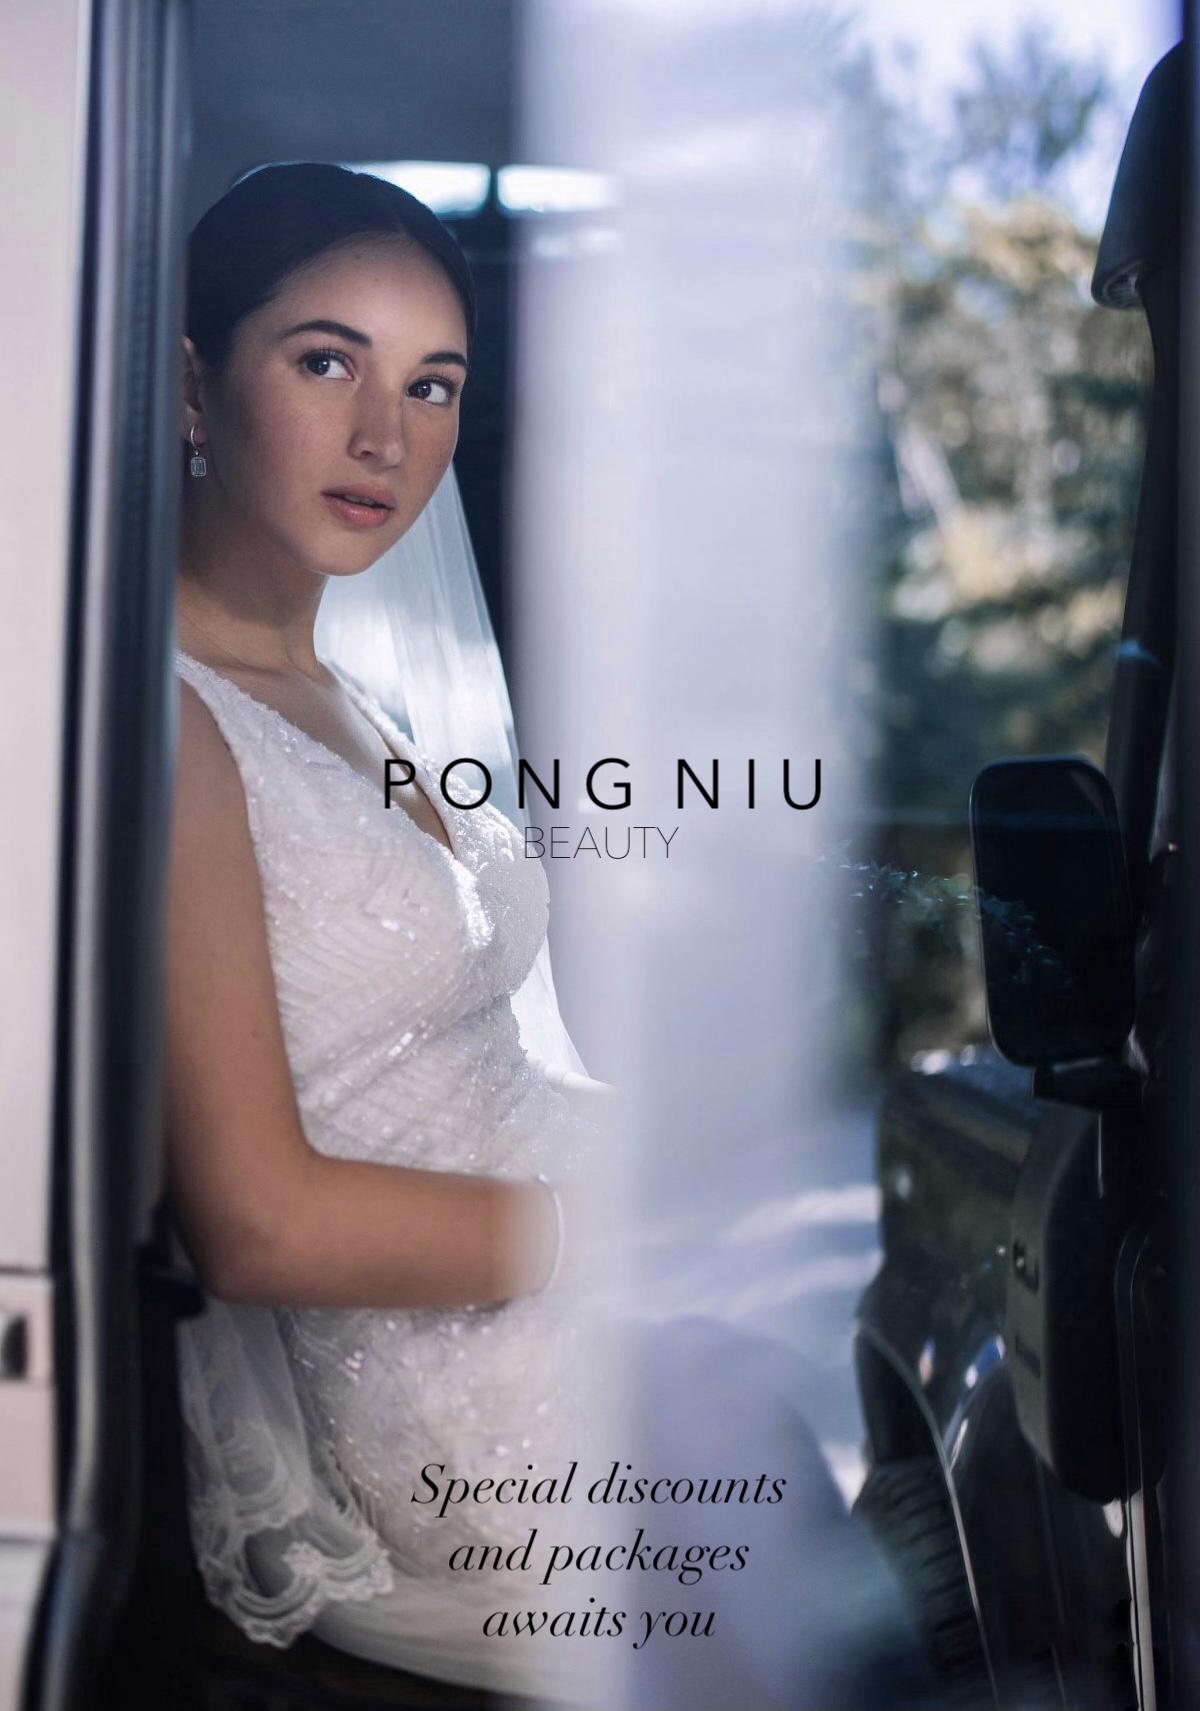 //\akeup by Pong Niu